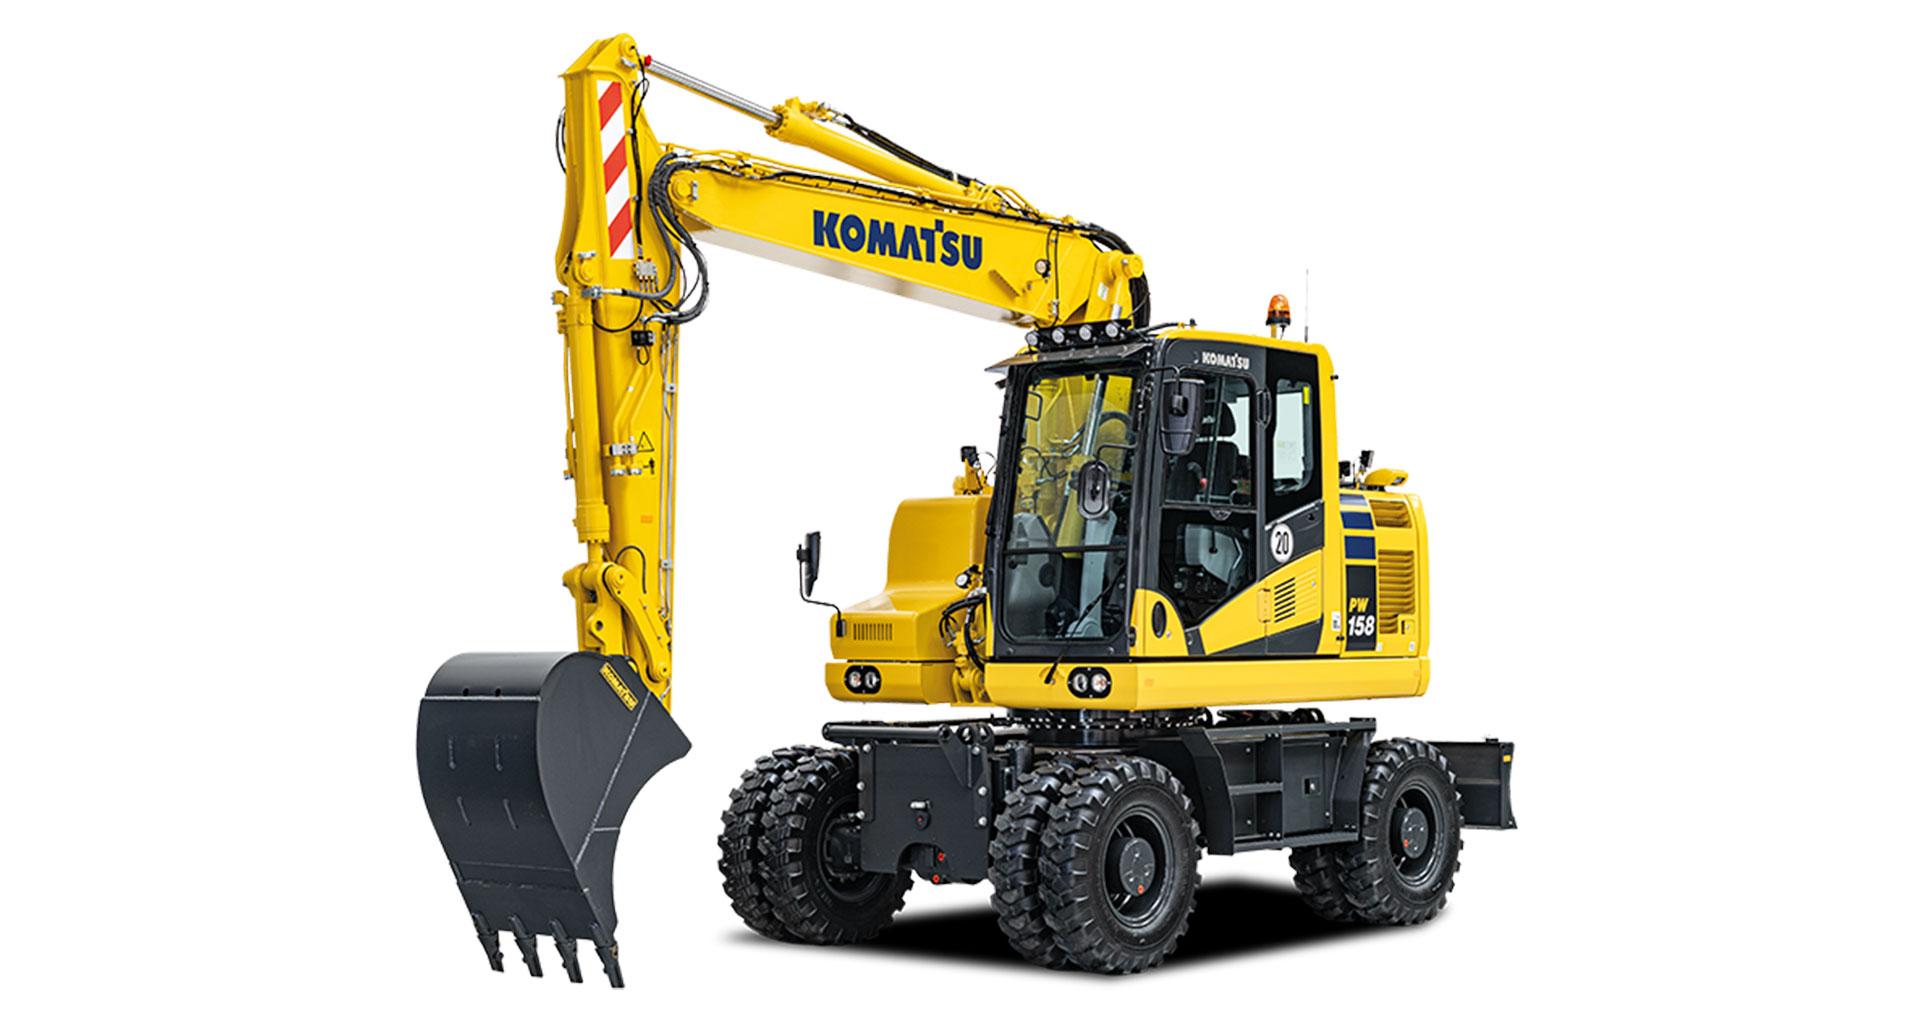 Escavatore gommato Komatsu PW158-11